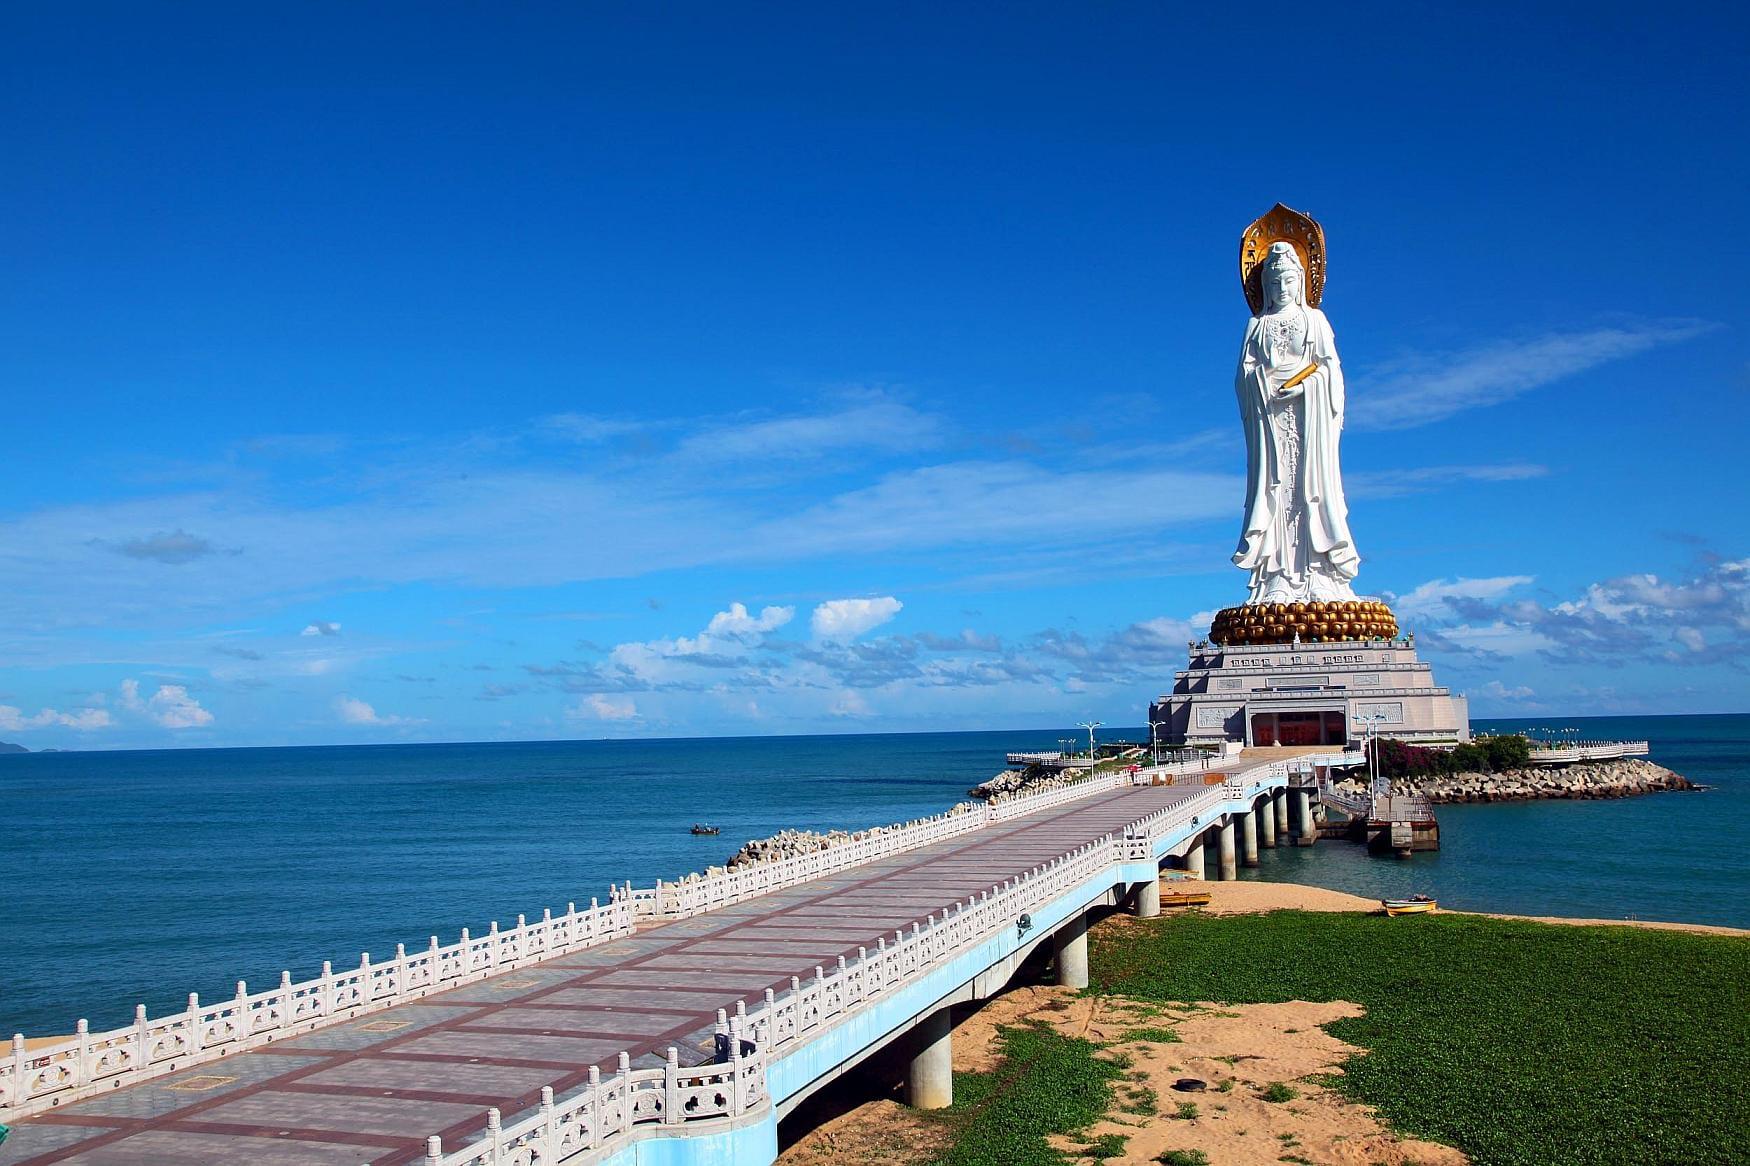 Виза на Хайнань: нужна ли, срок действия заграничного паспорта для посещения острова